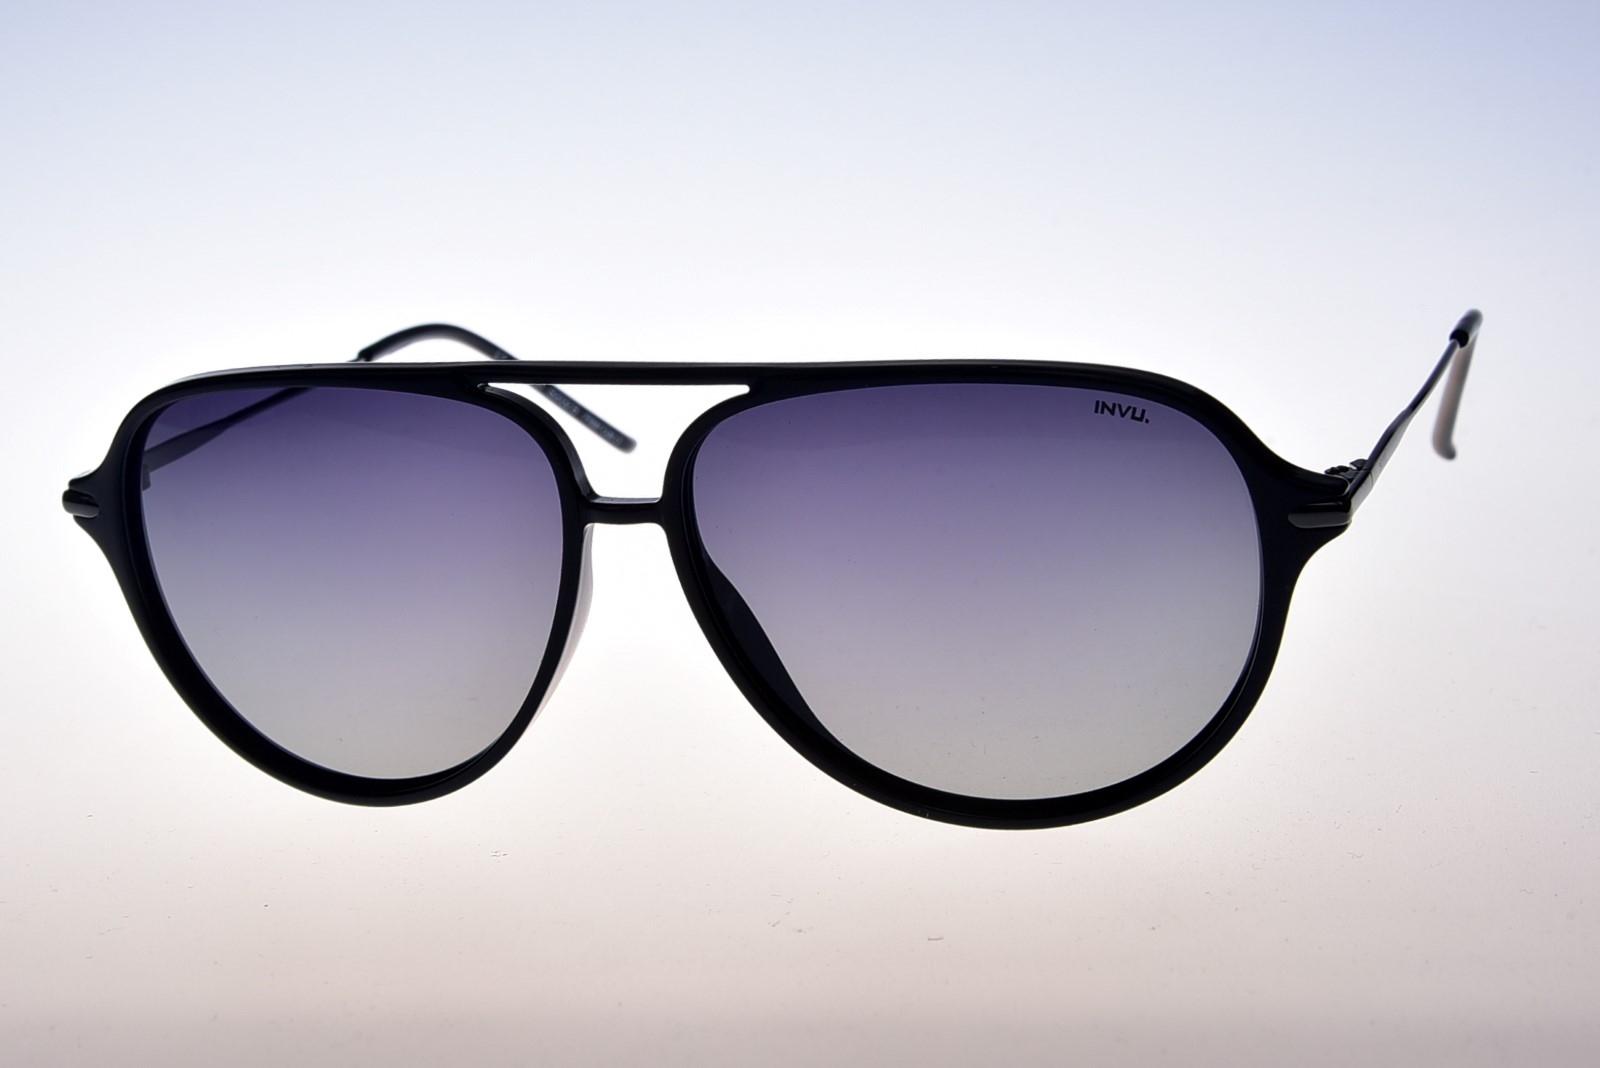 INVU.  B2032B - Pánske slnečné okuliare